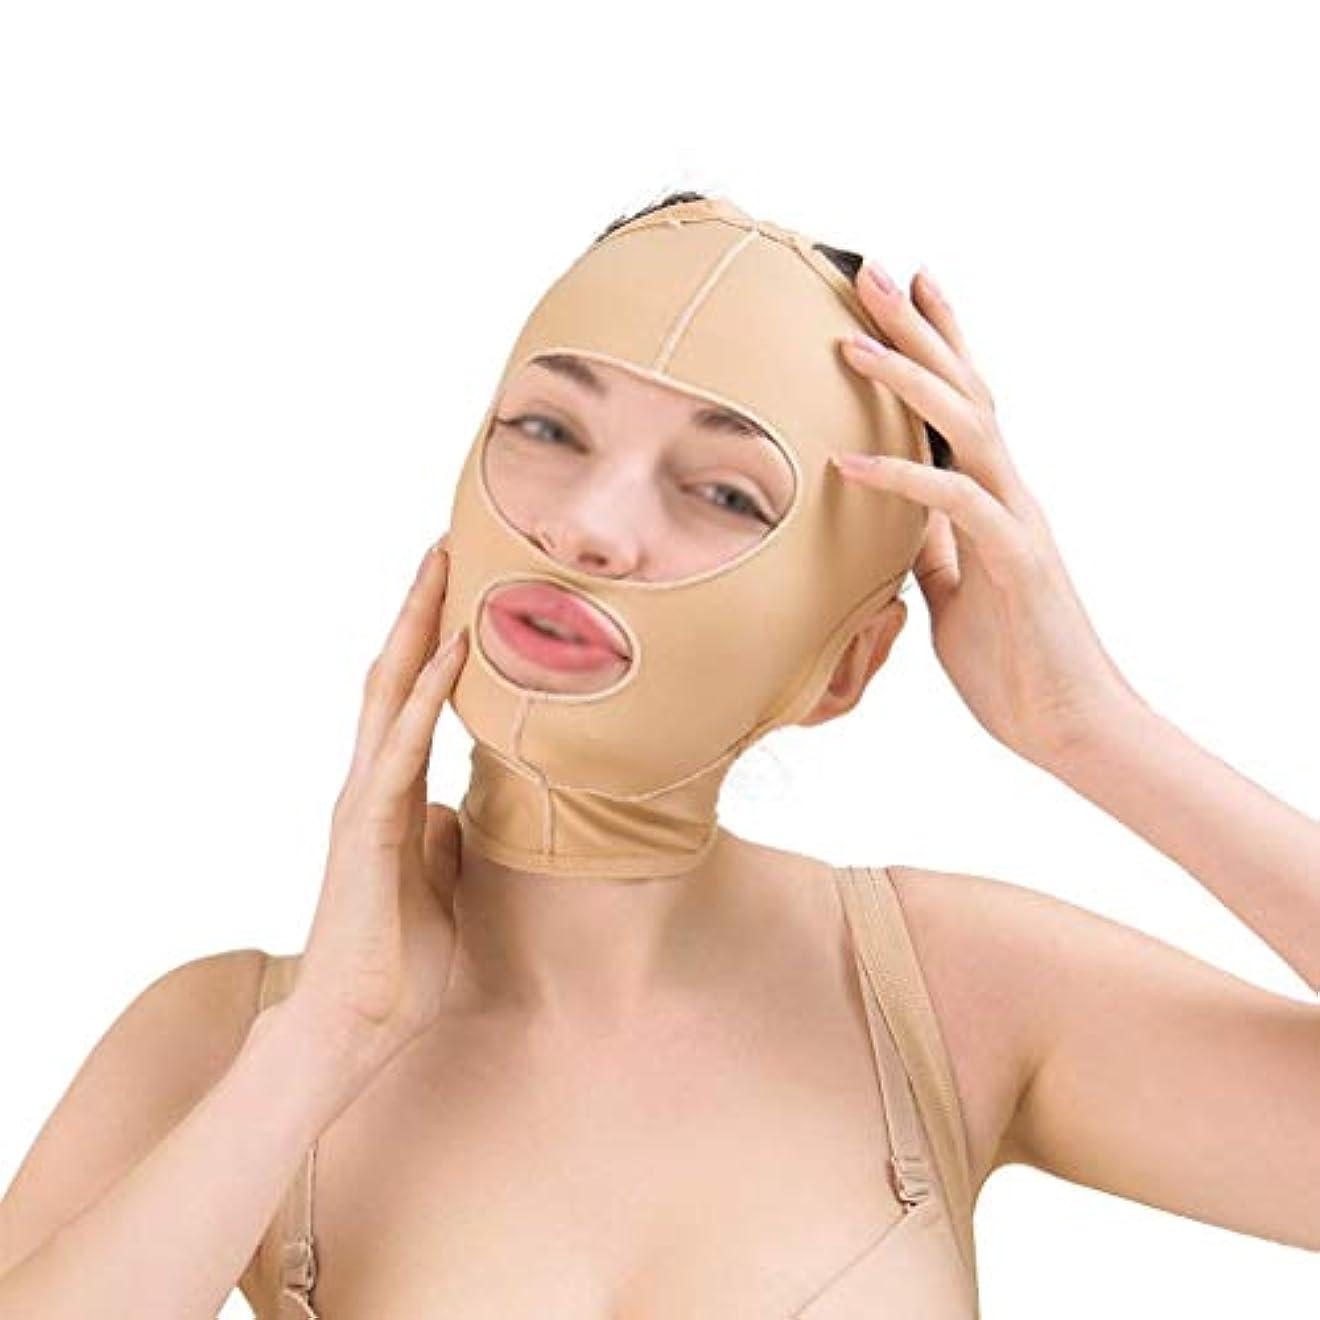 軍団手綱気絶させる美容フェイスリフト減量ベルト、ほおスリムフィット、通気性フェイスリフト、引き締め、リフティング包帯、フェイシャルスキン包帯(サイズ:M),M